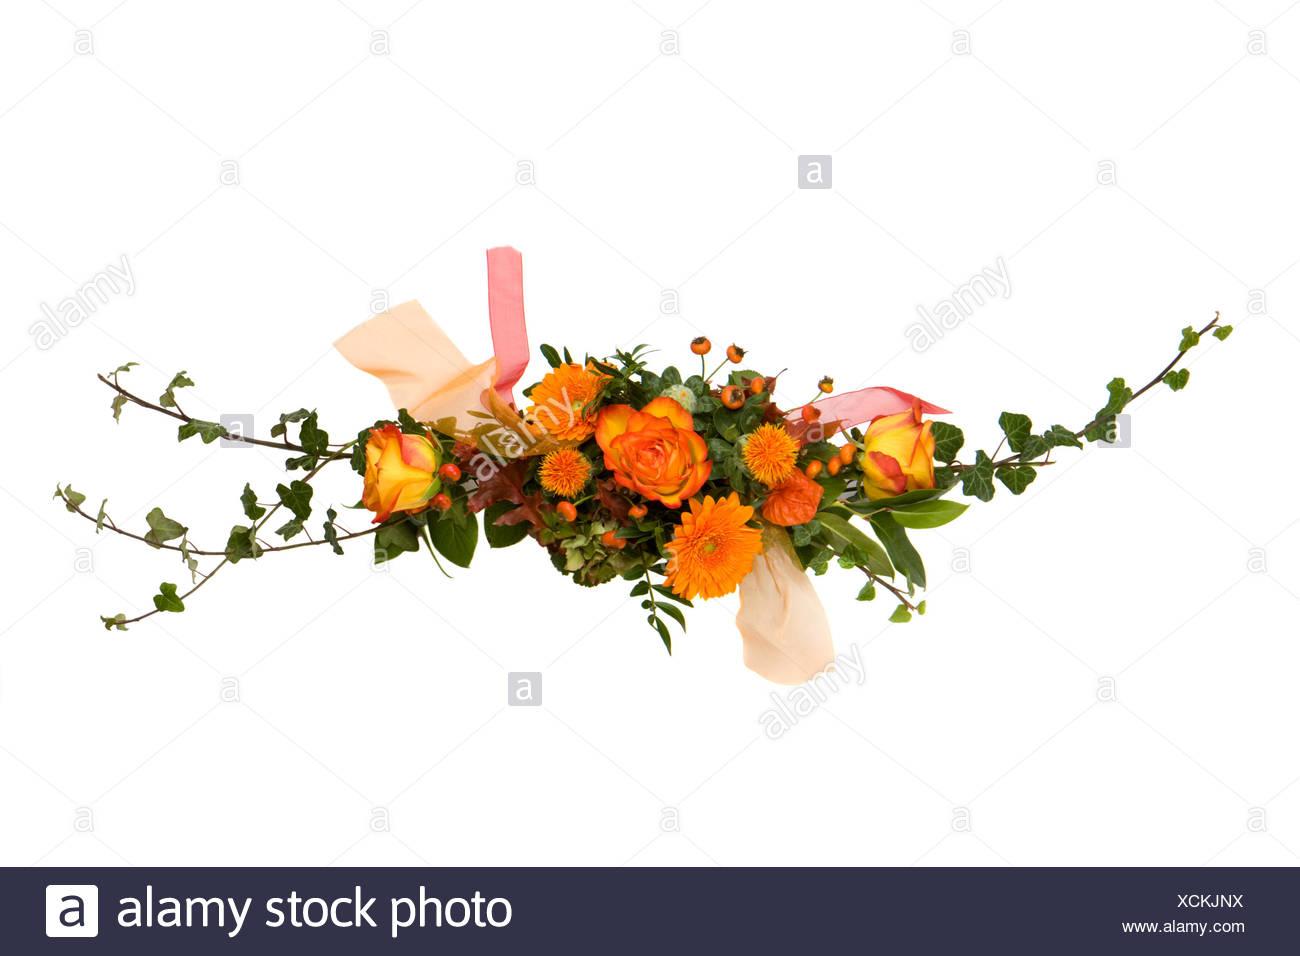 schönen Blumenstrauß isoliert auf Weiß - Stock Image